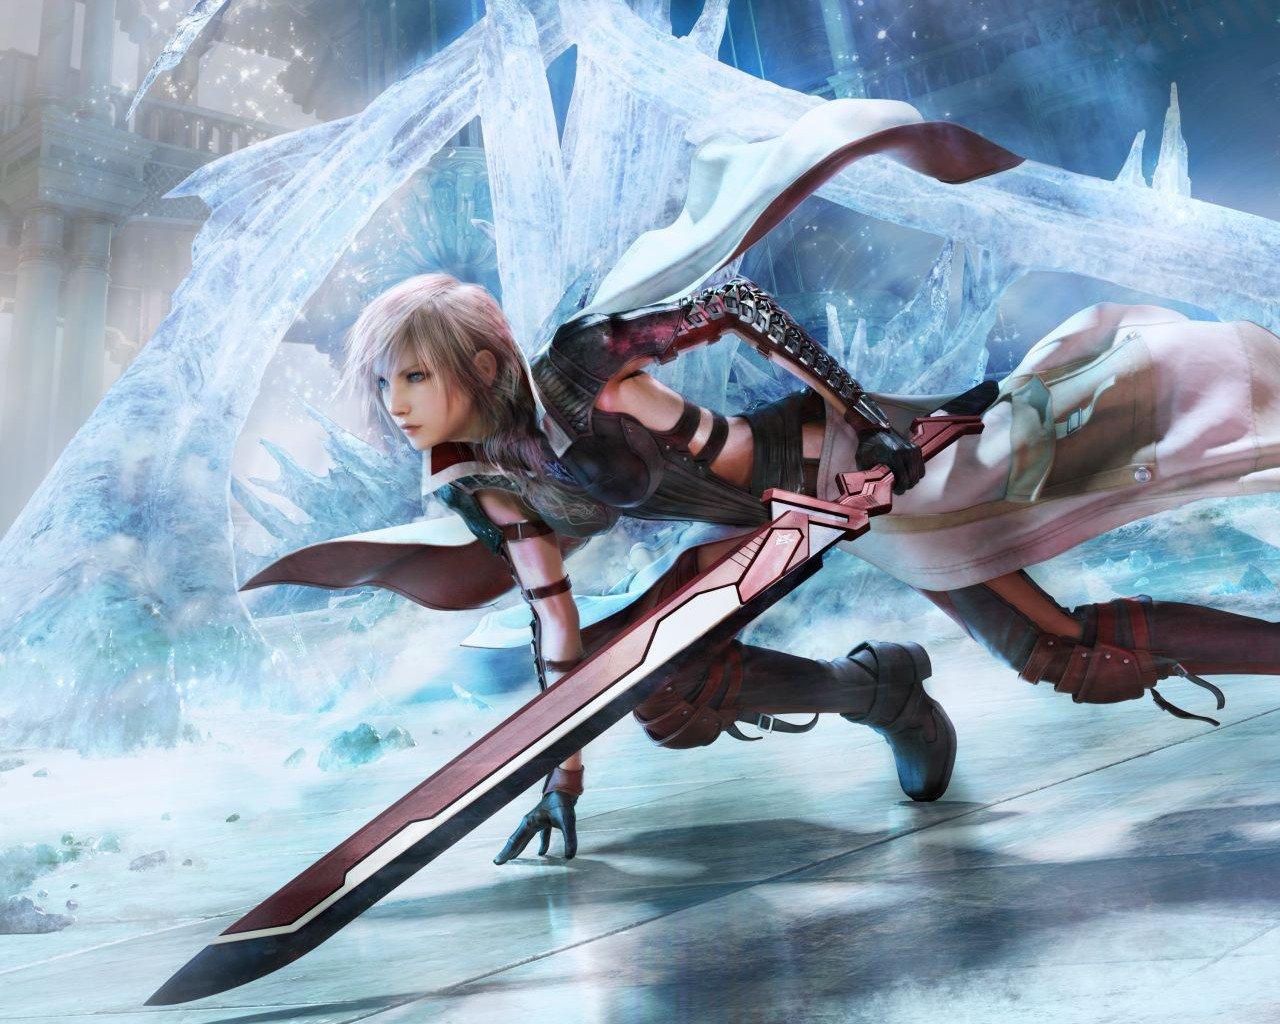 Отличный косплей на Лайт из Lightning Returns: Final Fantasy 13 в исполнении Kilory.      А так же Лайтнин версии  ... - Изображение 1